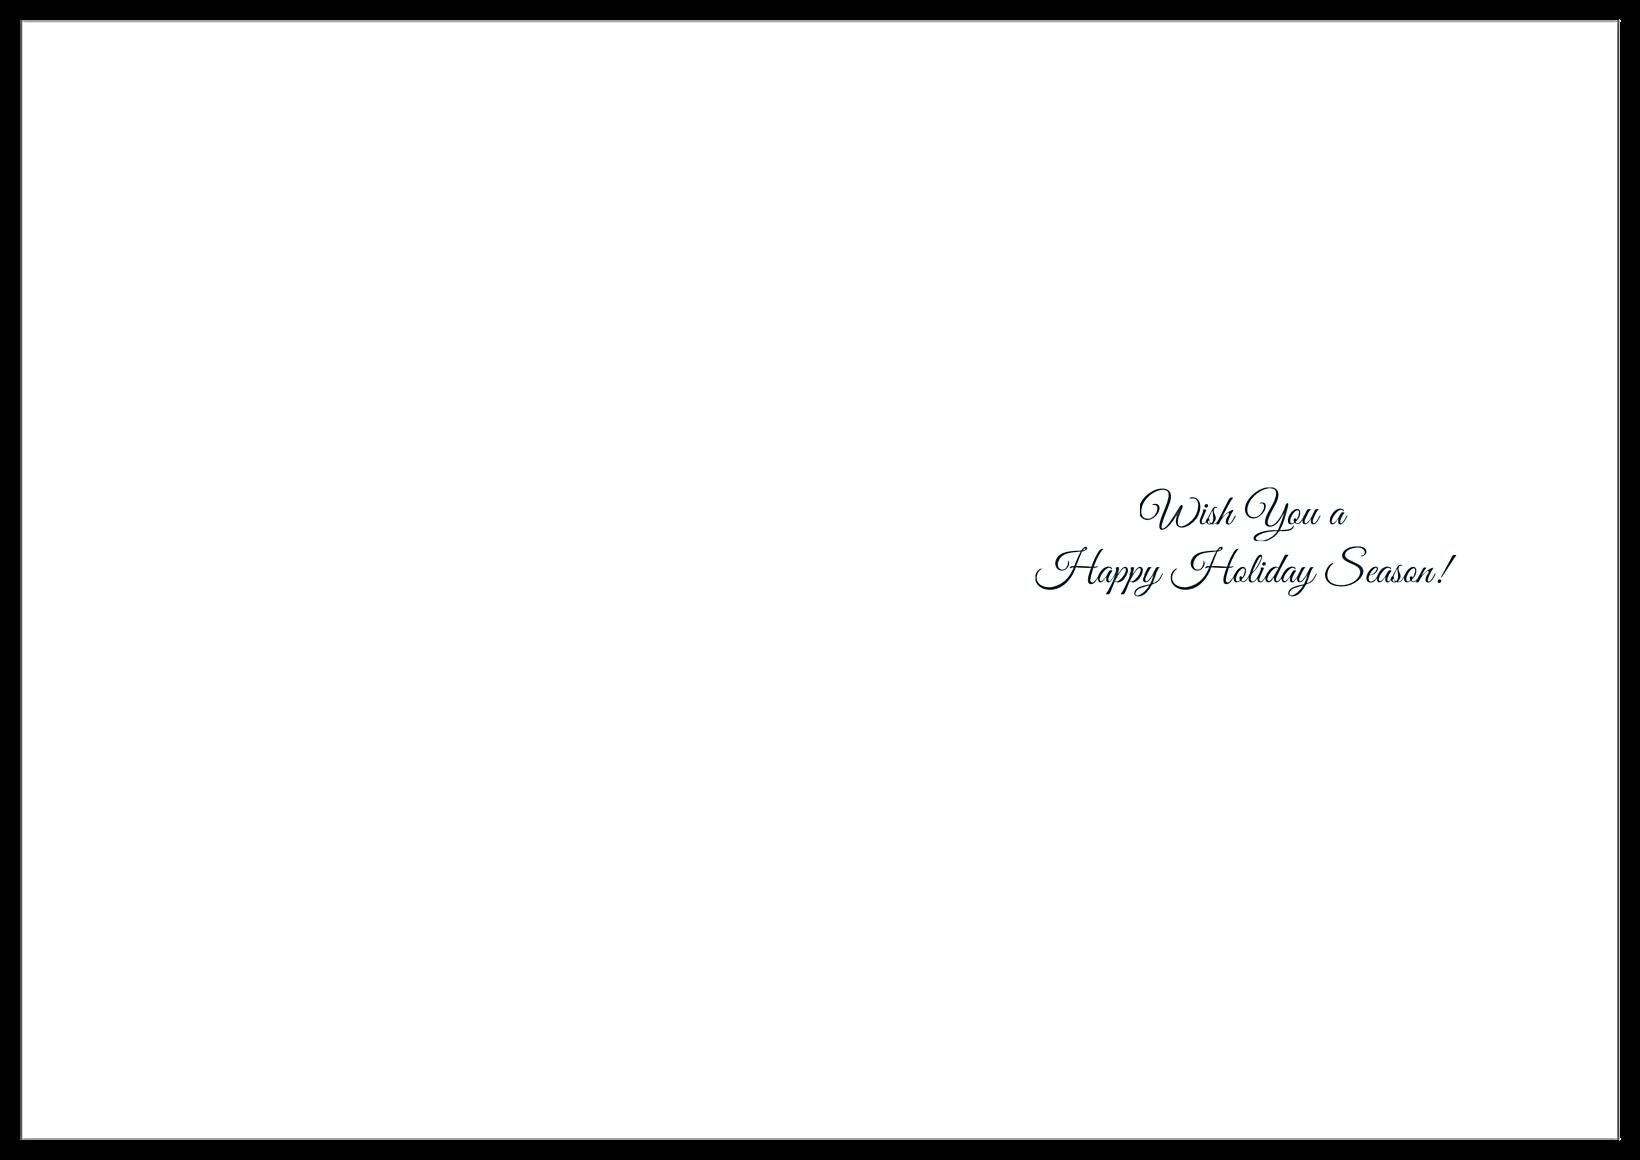 Snow Deer back - Greeting Cards Maker